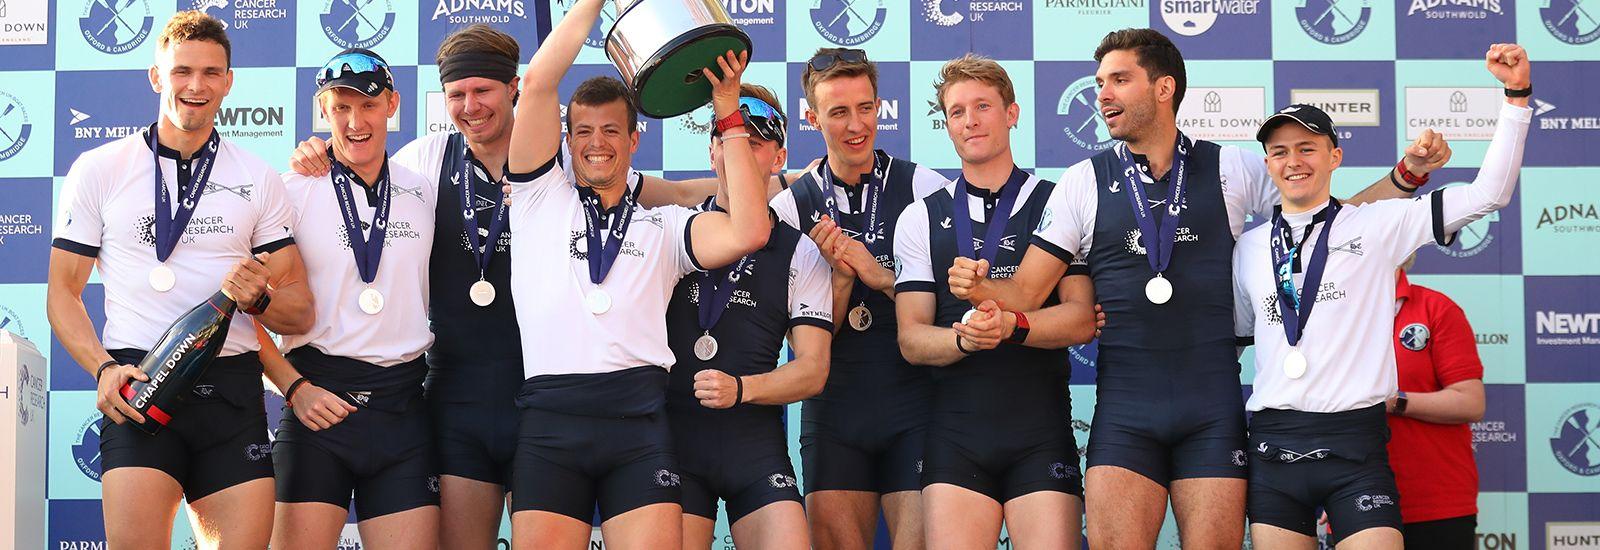 Oxford men's boat crew 2017